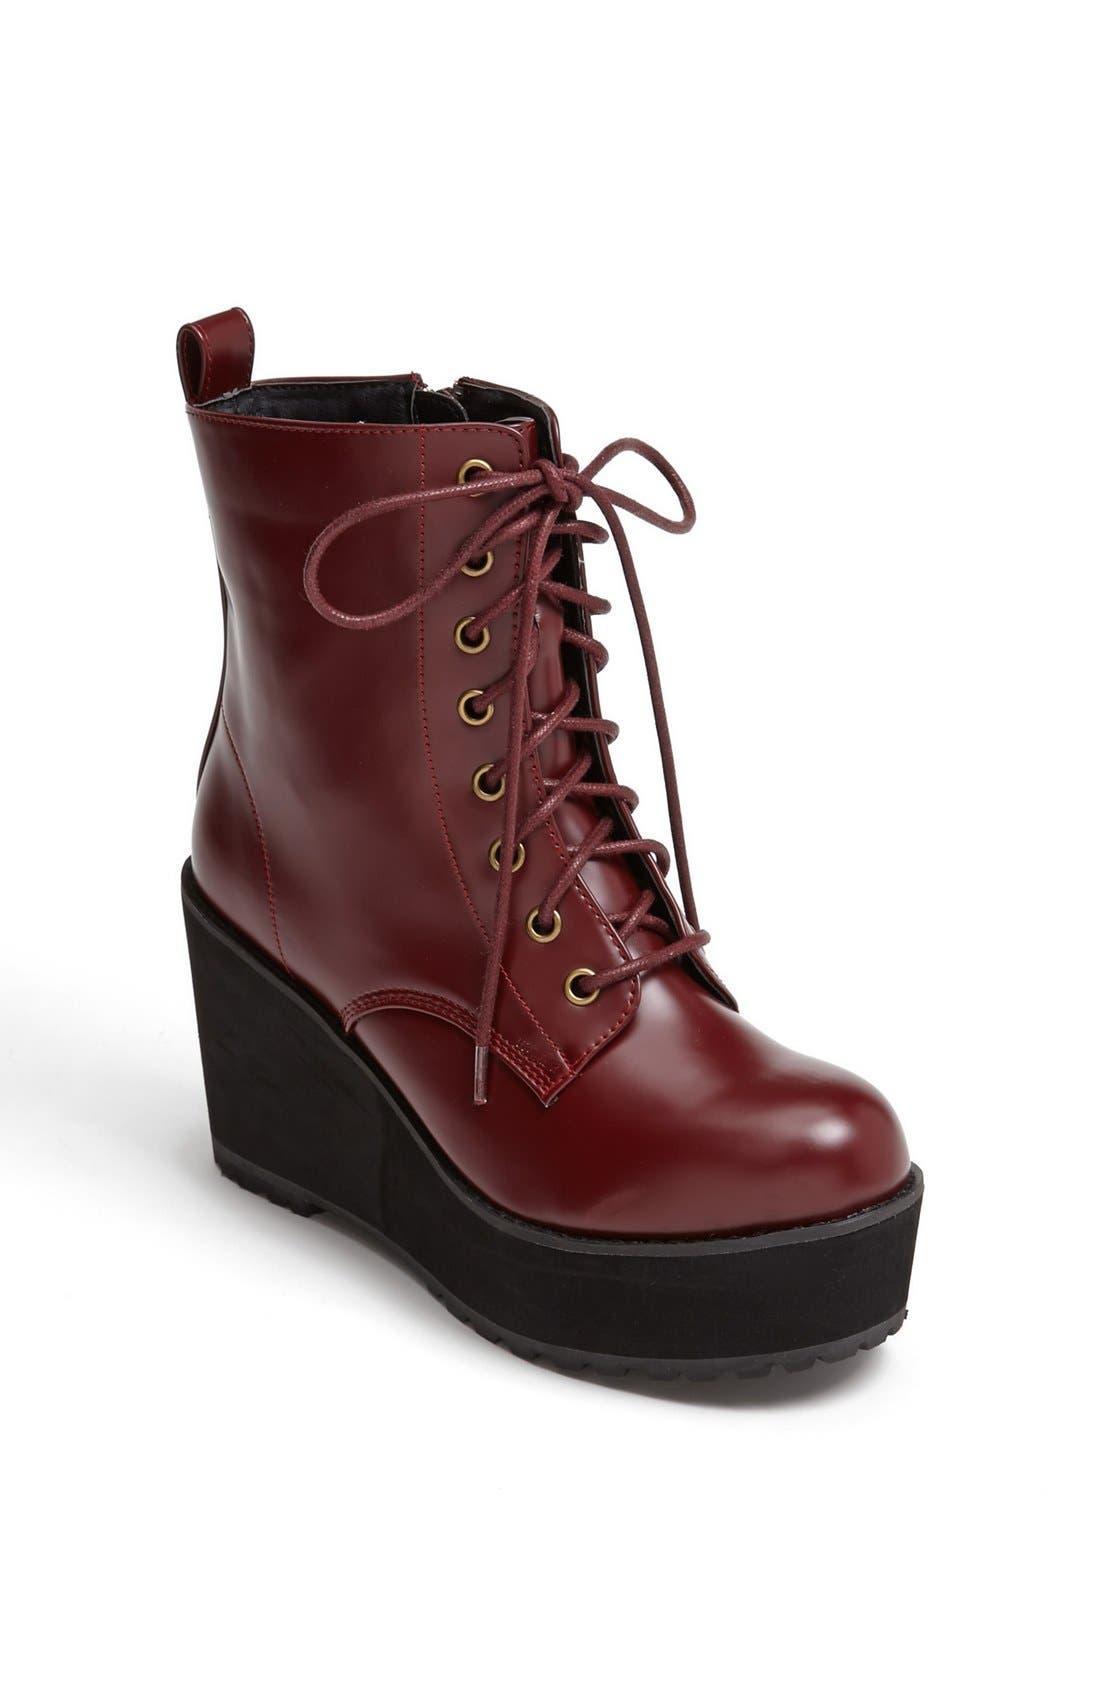 Alternate Image 1 Selected - Shellys London 'Skardalo' Boot